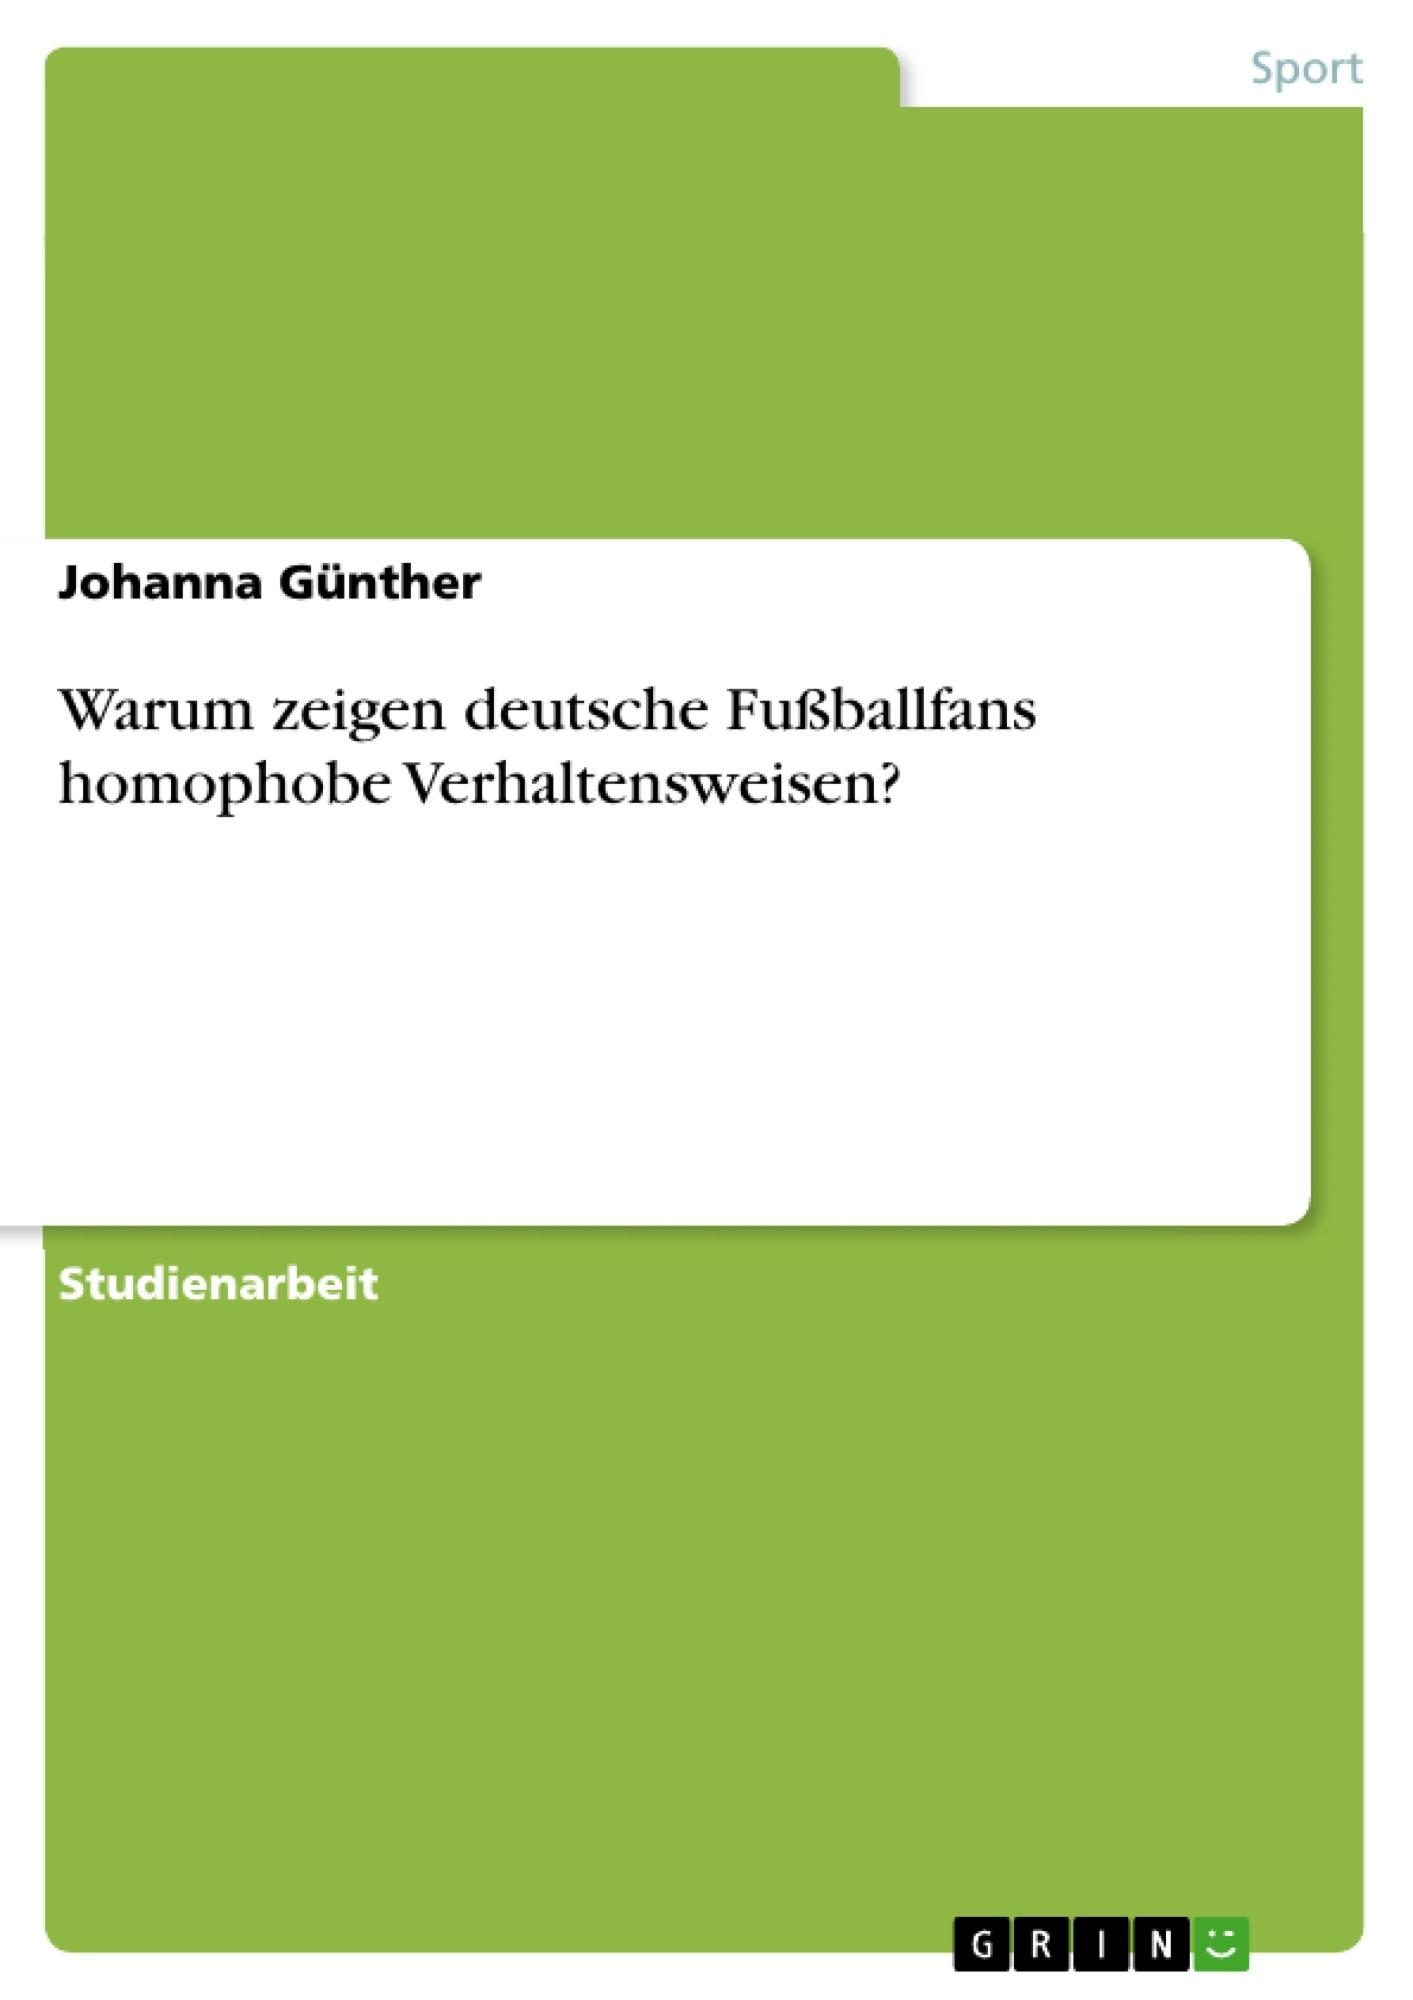 Titel: Warum zeigen deutsche Fußballfans homophobe Verhaltensweisen?